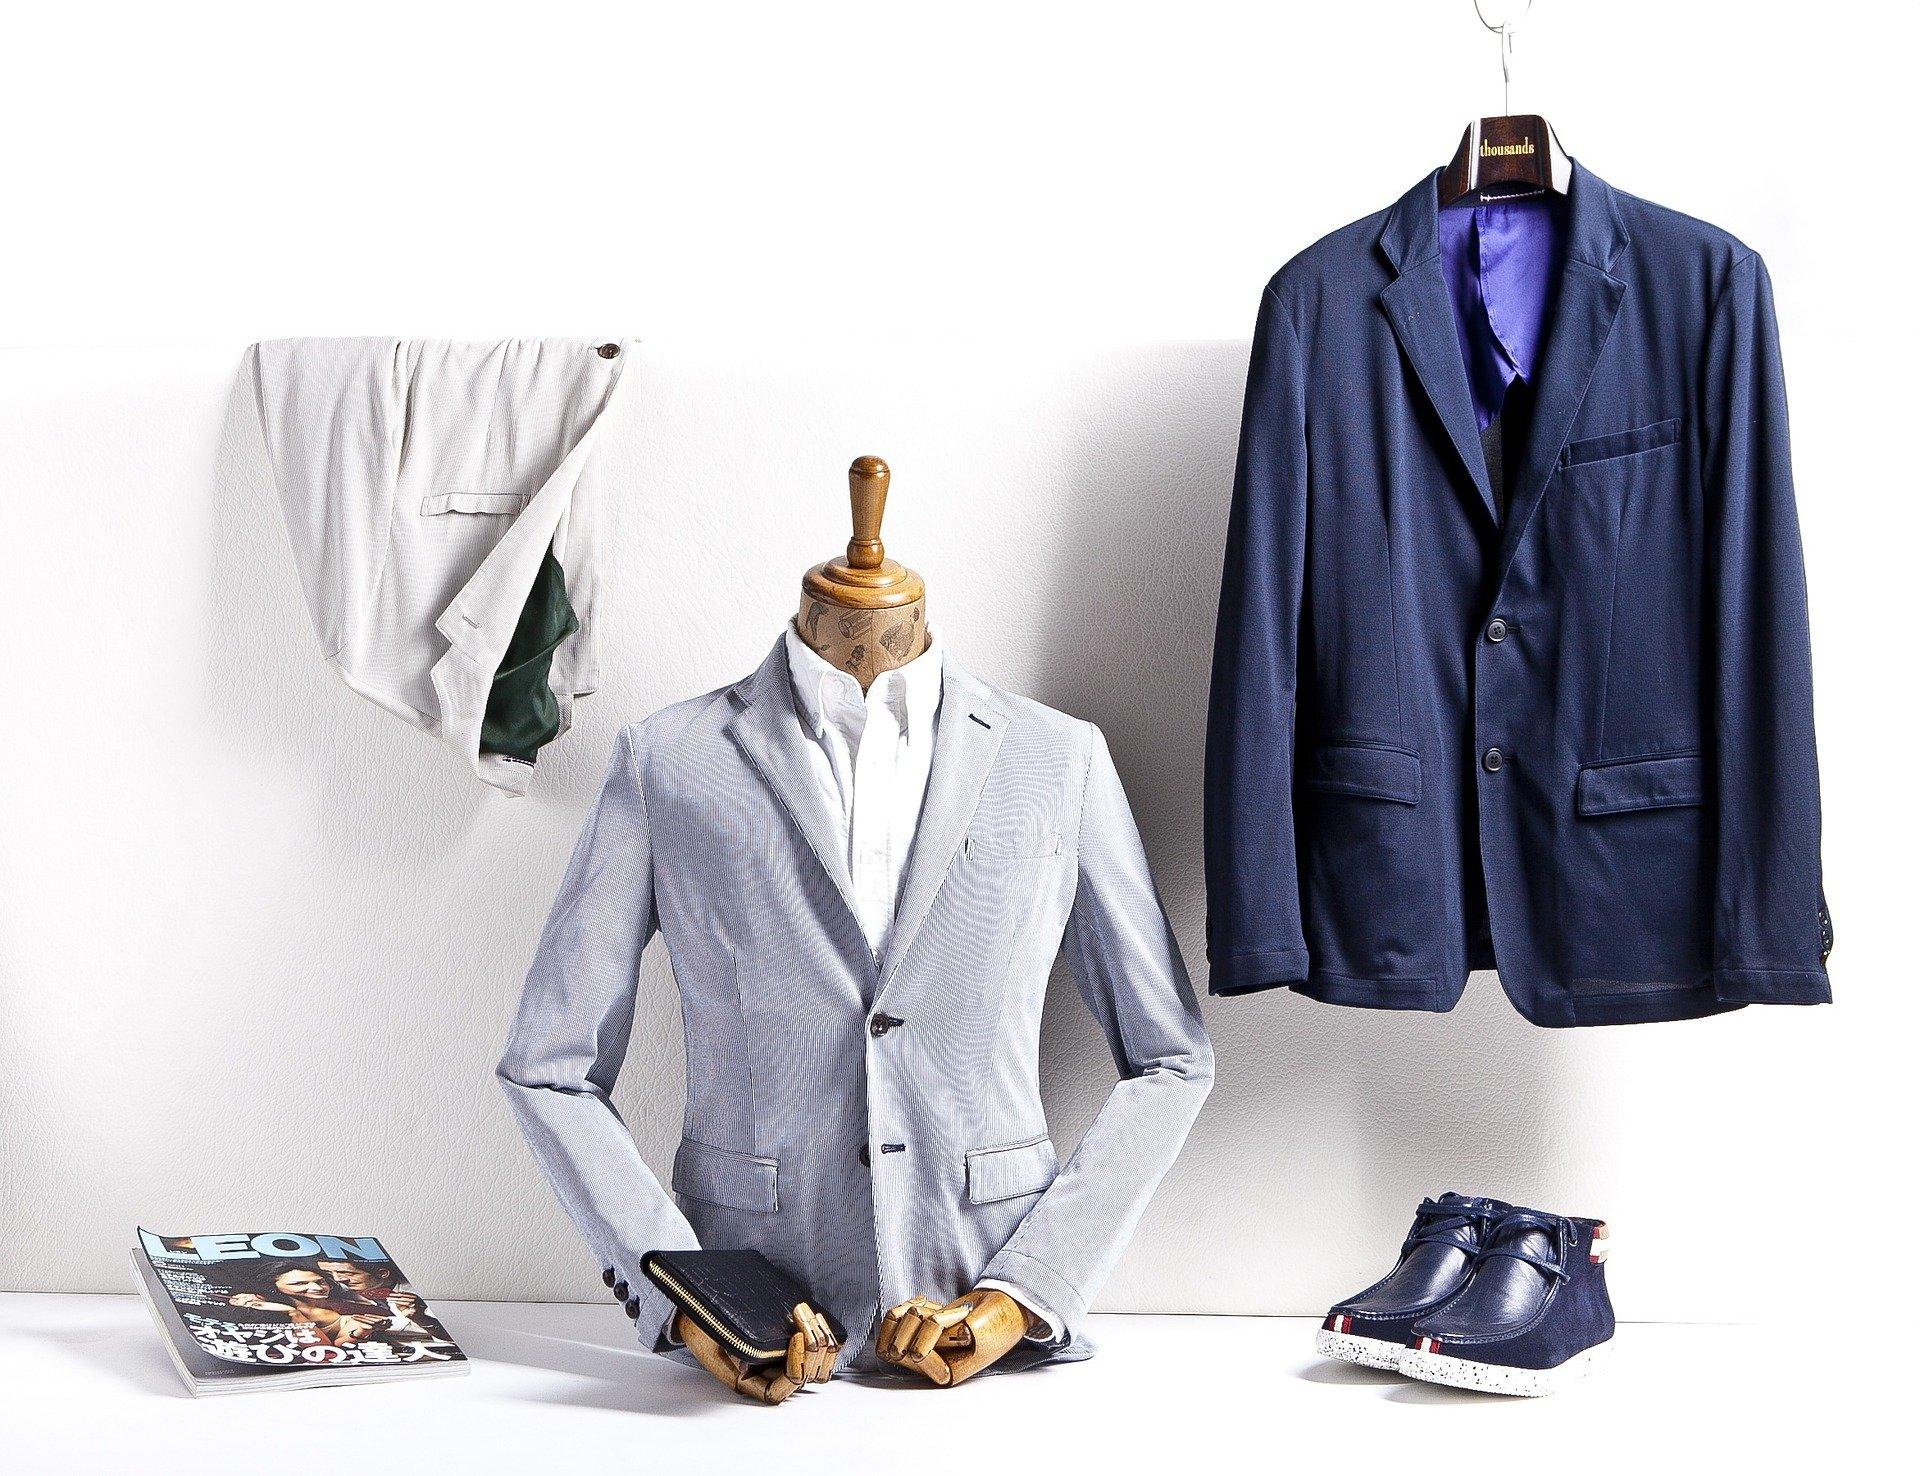 【プロのスタイリストがコーデ】おすすめ男性(メンズ)ファッションサブスクサービス2選